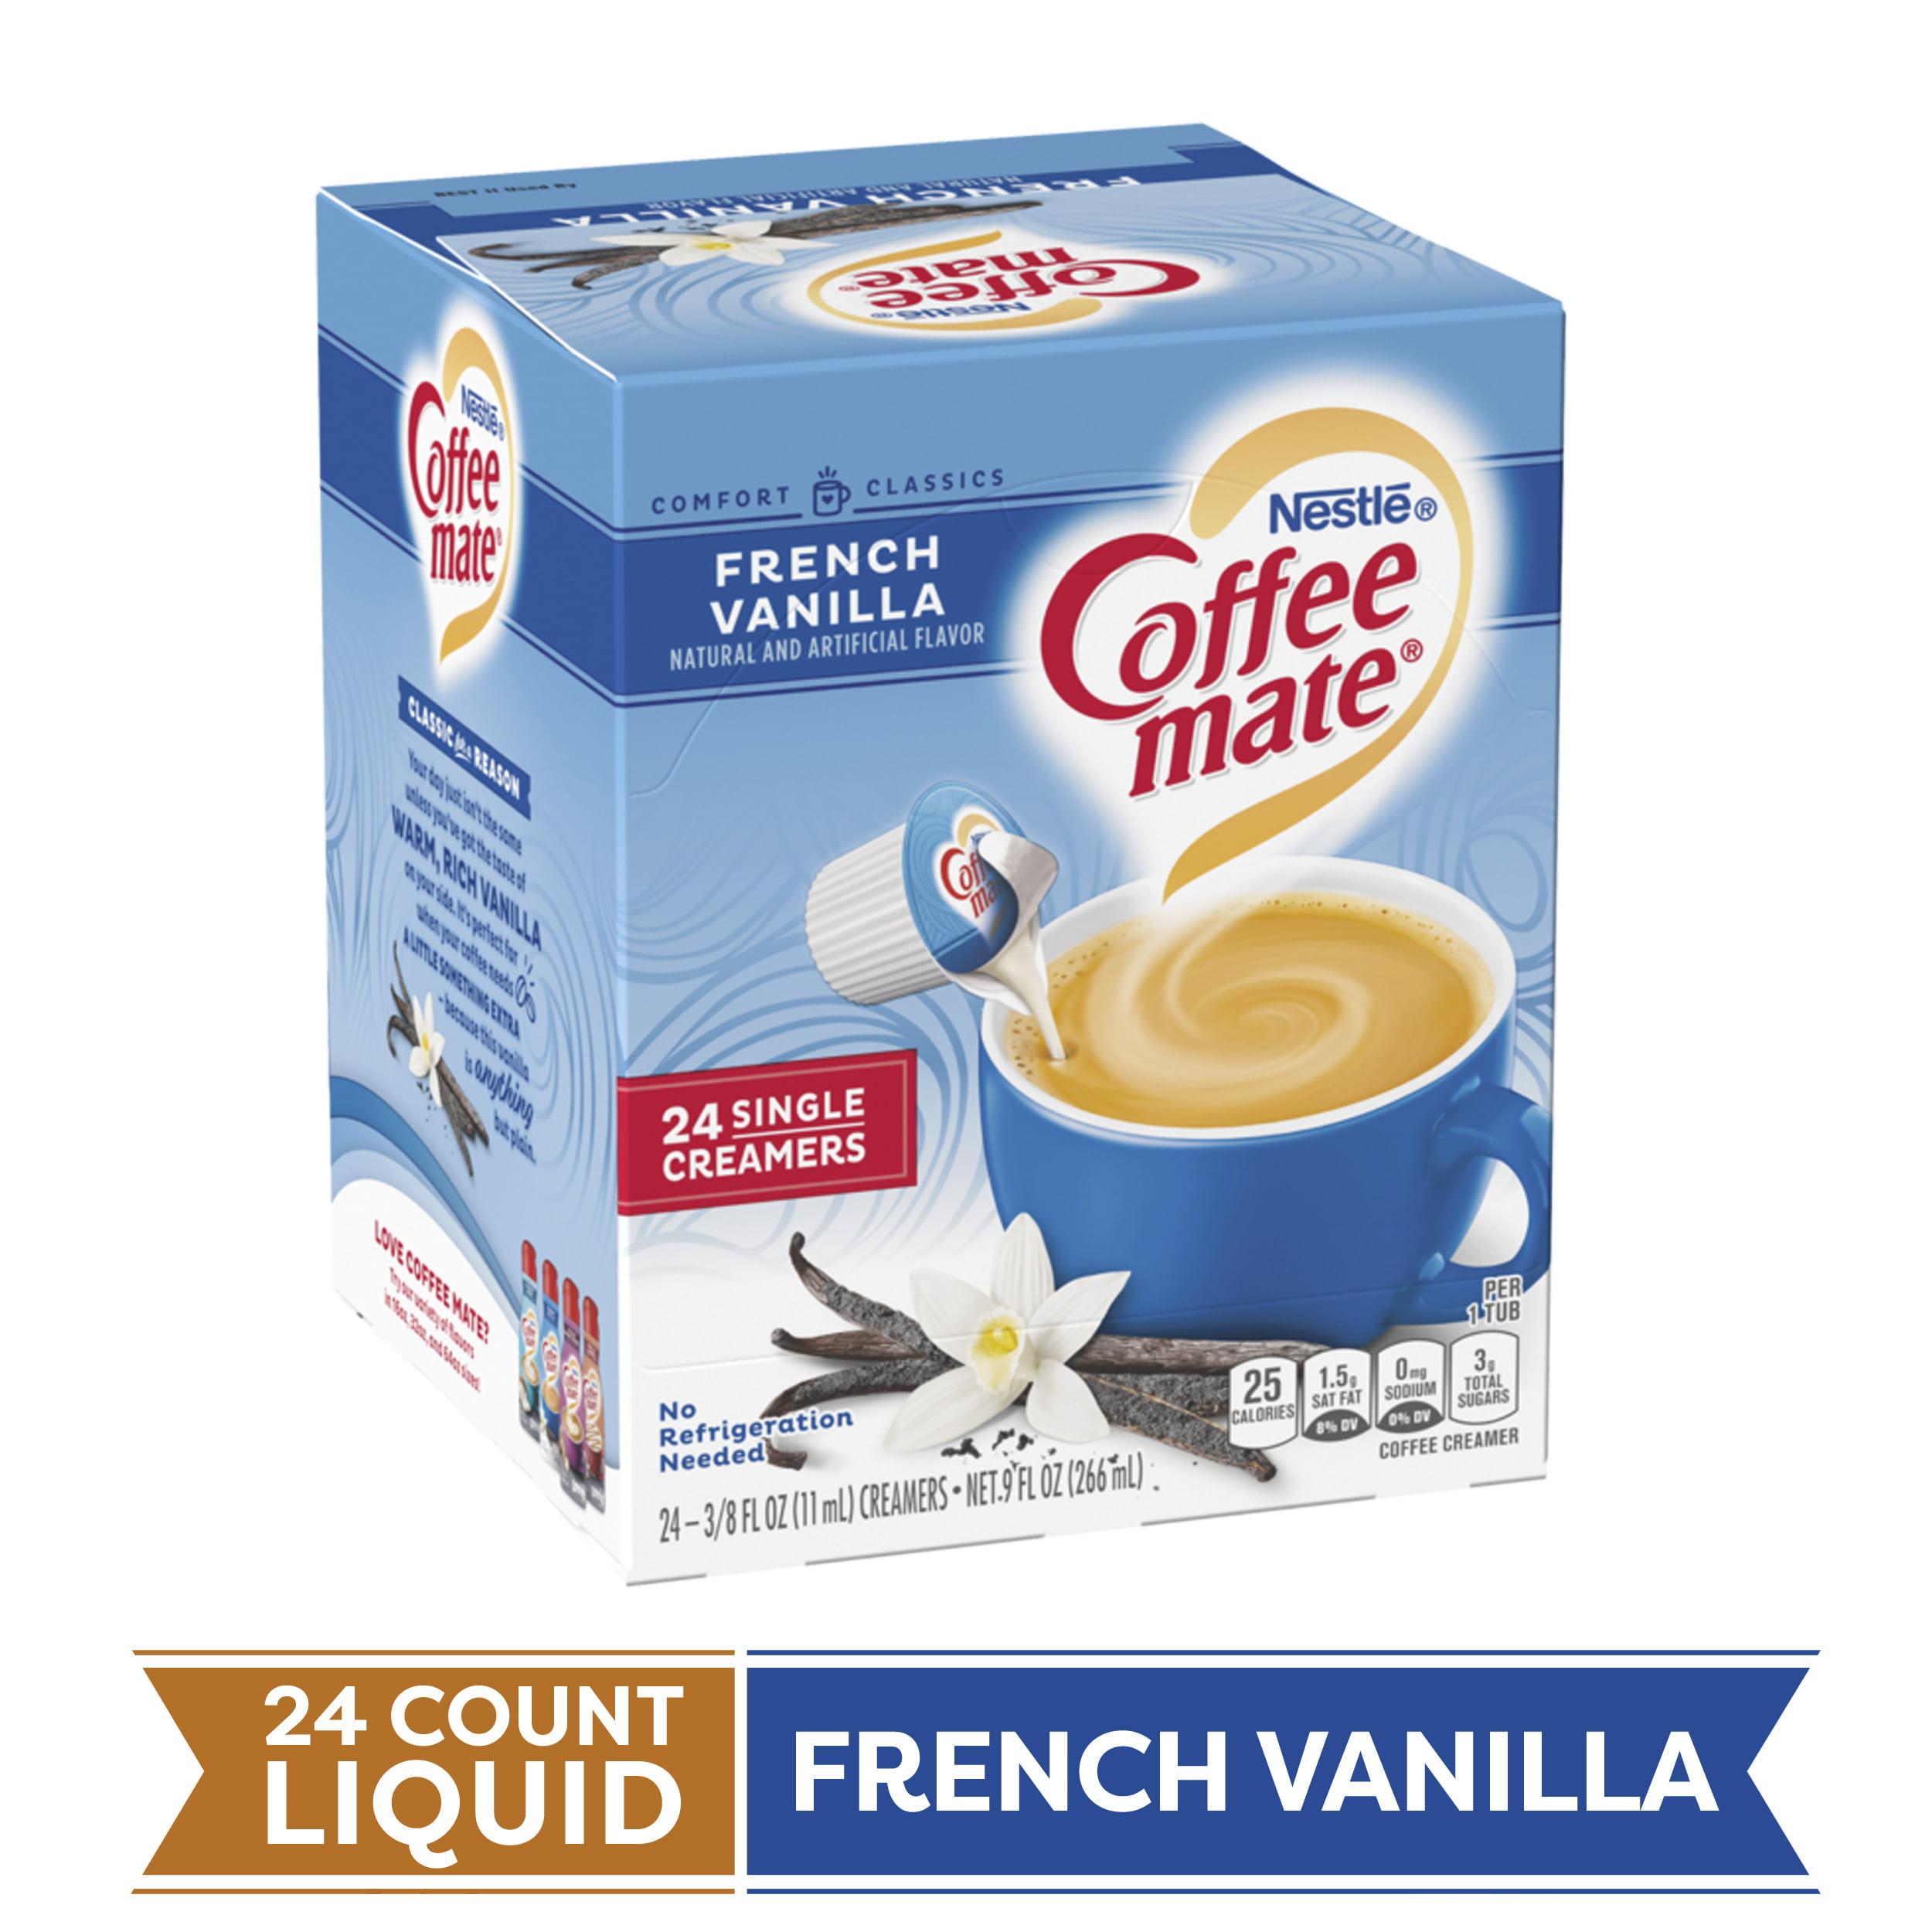 COFFEE MATE French Vanilla Liquid Coffee Creamer 24 Ct. Box Non-dairy Lactose Free Creamer